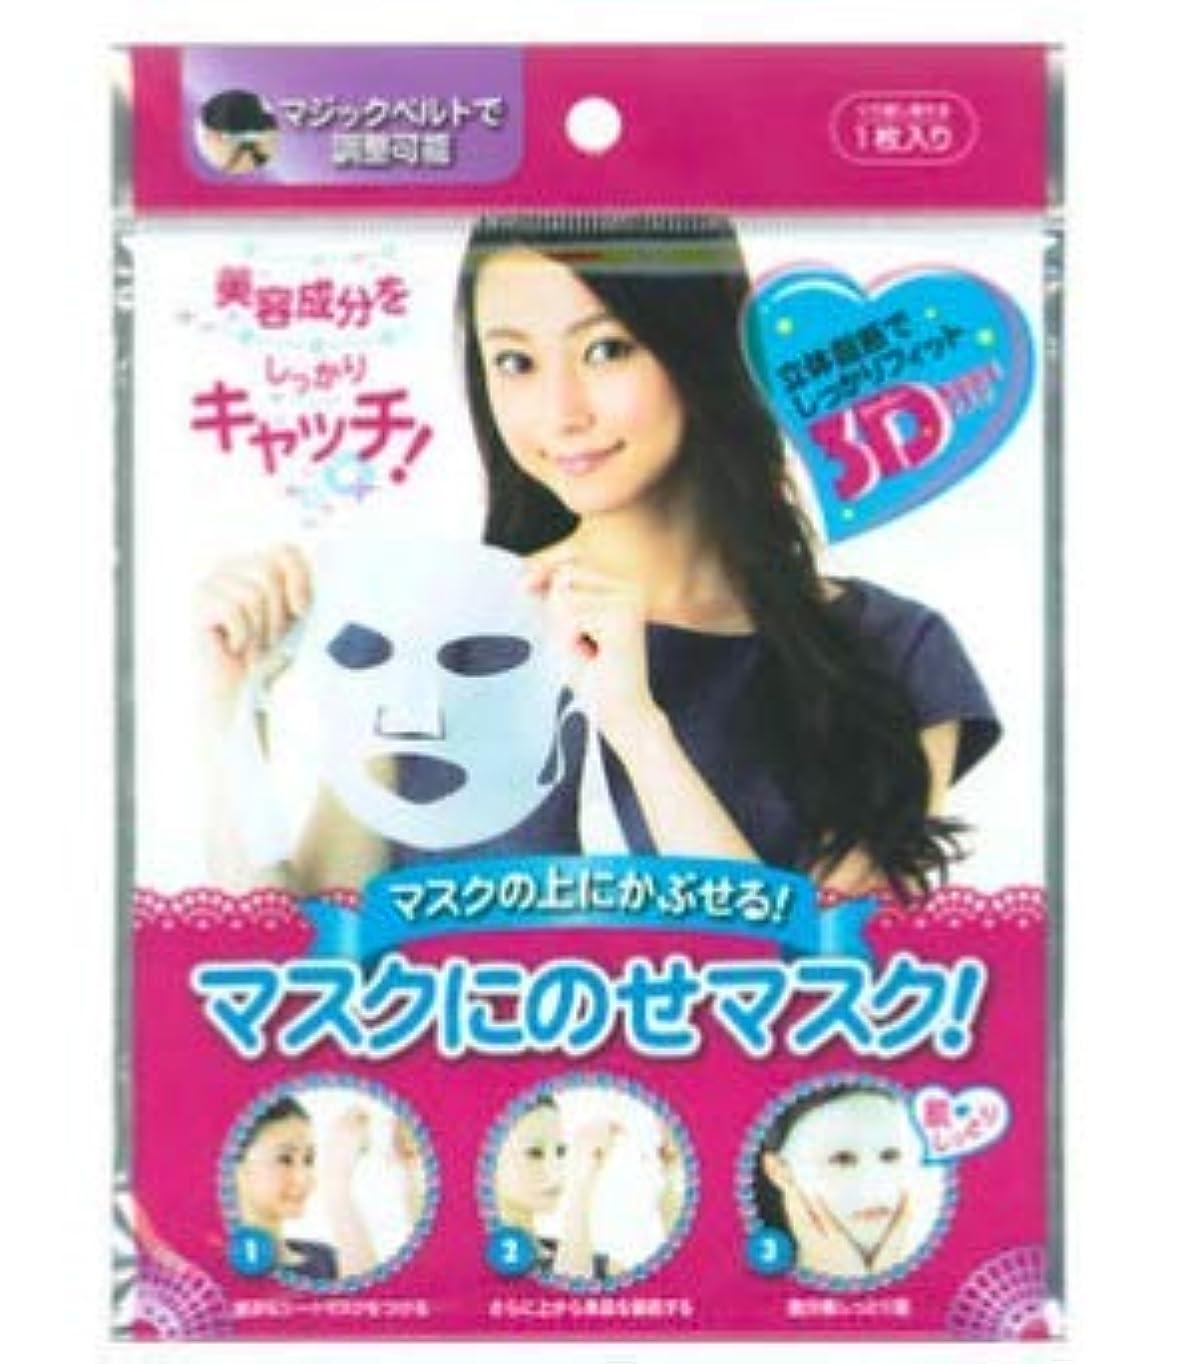 不毛曇ったモスコスメット マスクにのせマスク!